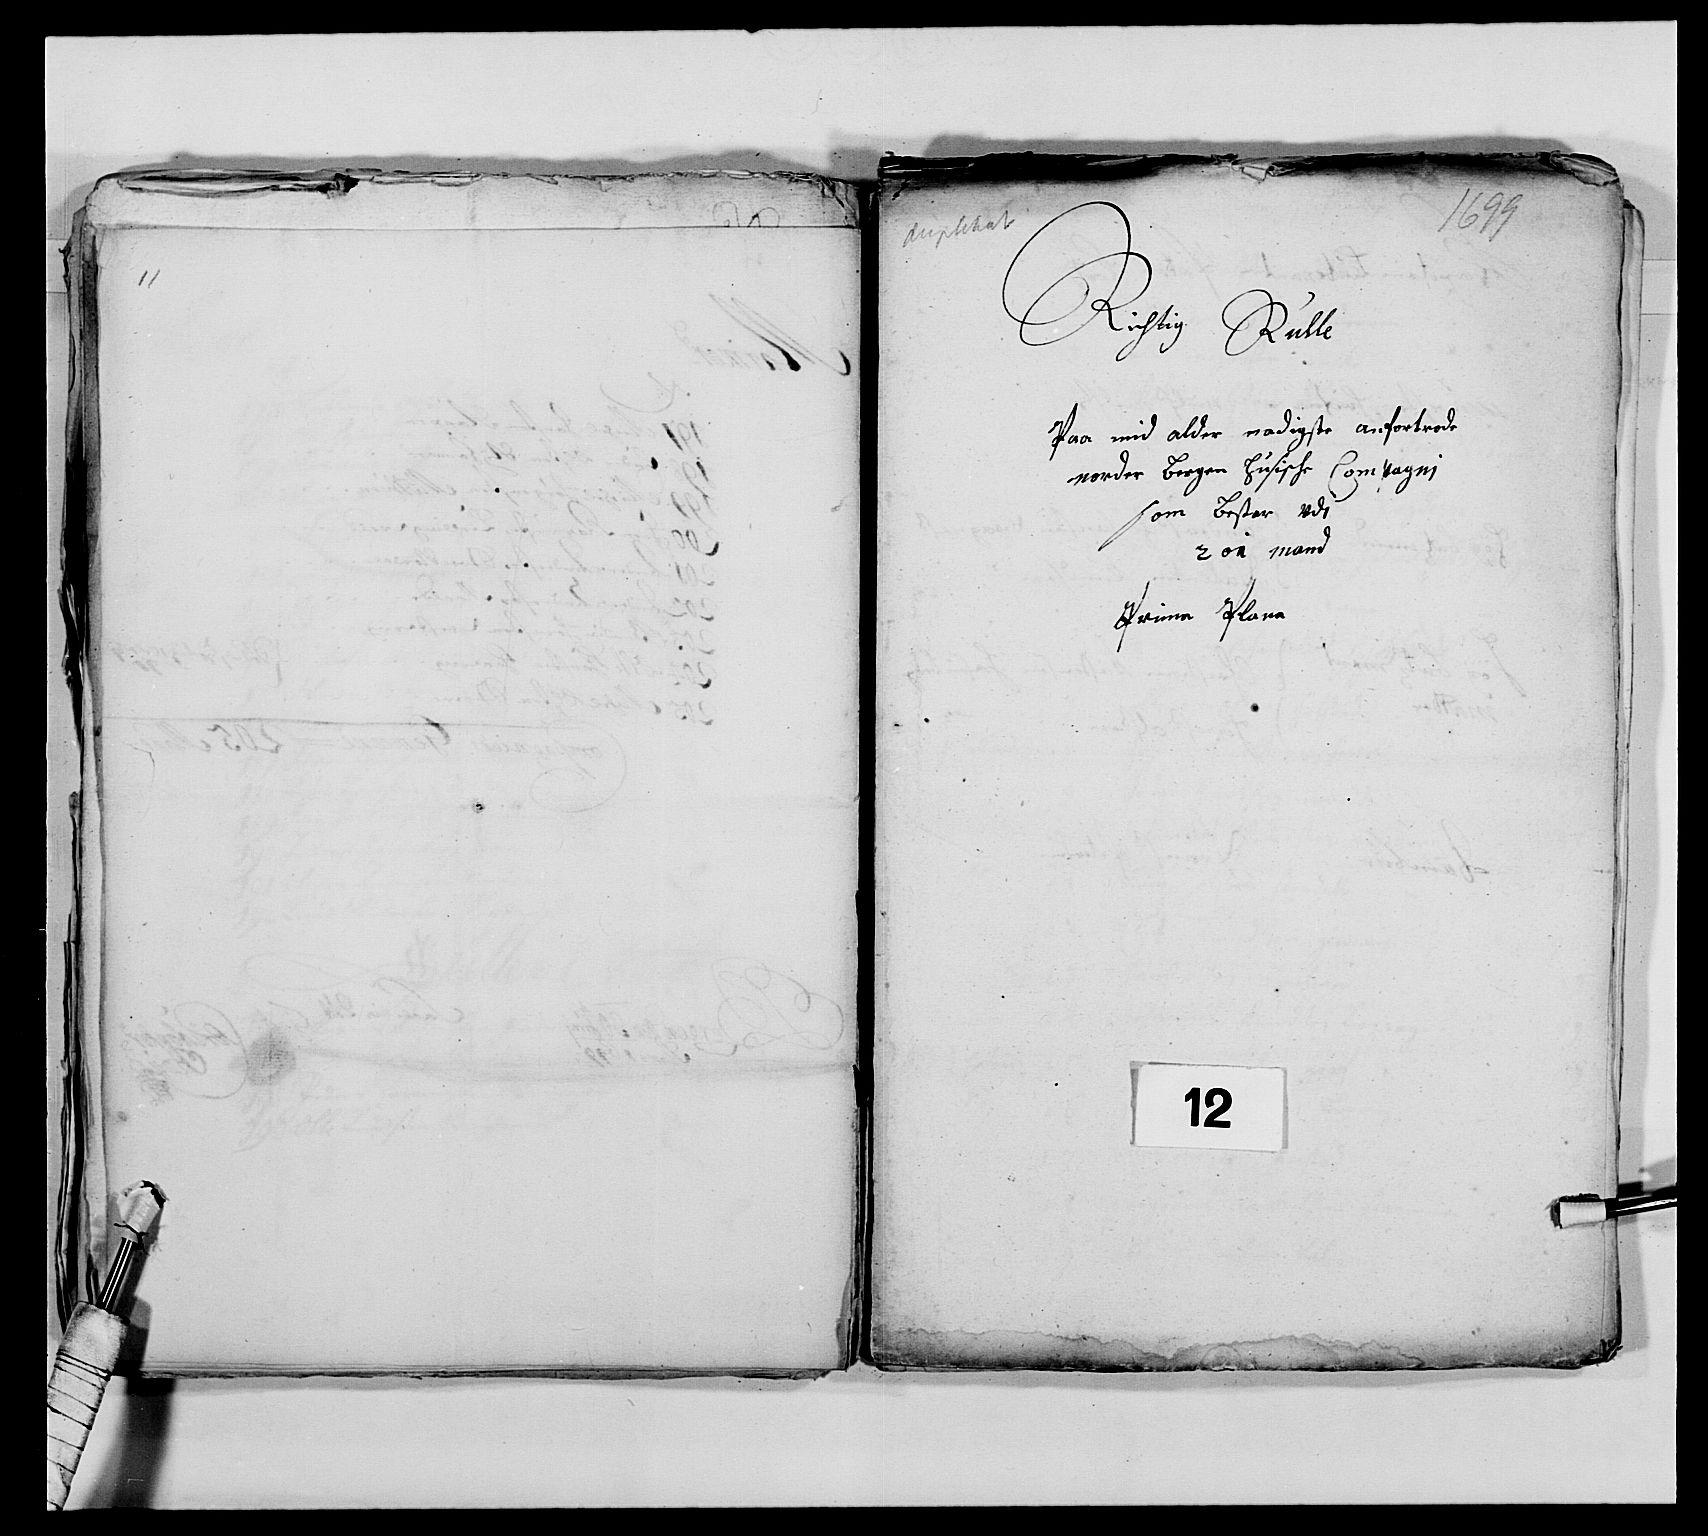 RA, Kommanderende general (KG I) med Det norske krigsdirektorium, E/Ea/L0473: Marineregimentet, 1664-1700, s. 190